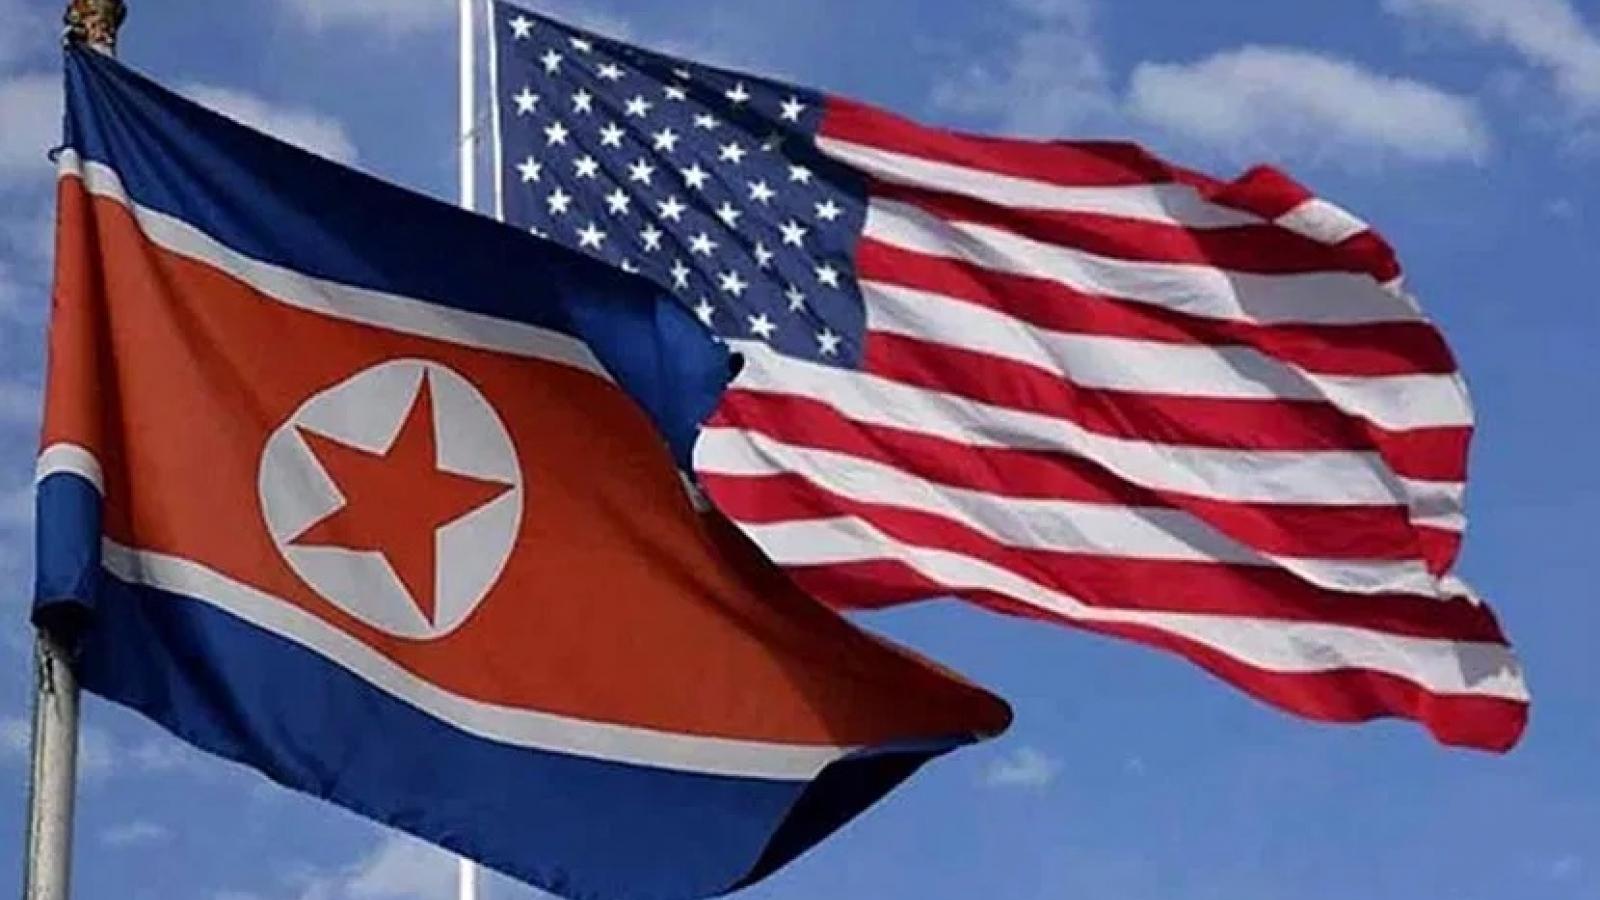 """Mỹ và Triều Tiên lần đầu """"lời qua, tiếng lại"""" – Liên Hợp Quốc điều tra vụ phóng tên lửa"""